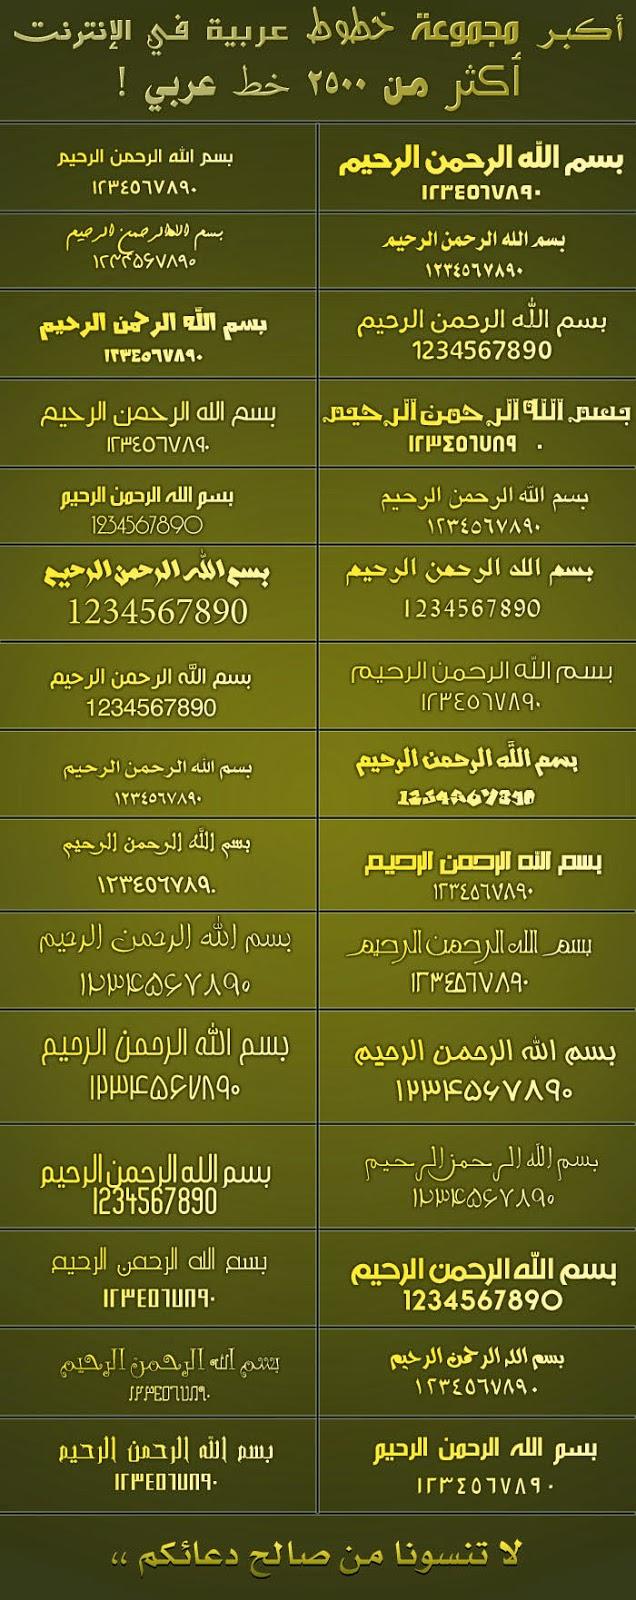 خطوط عربيه جميلة جديدة 2014 7339.jpg